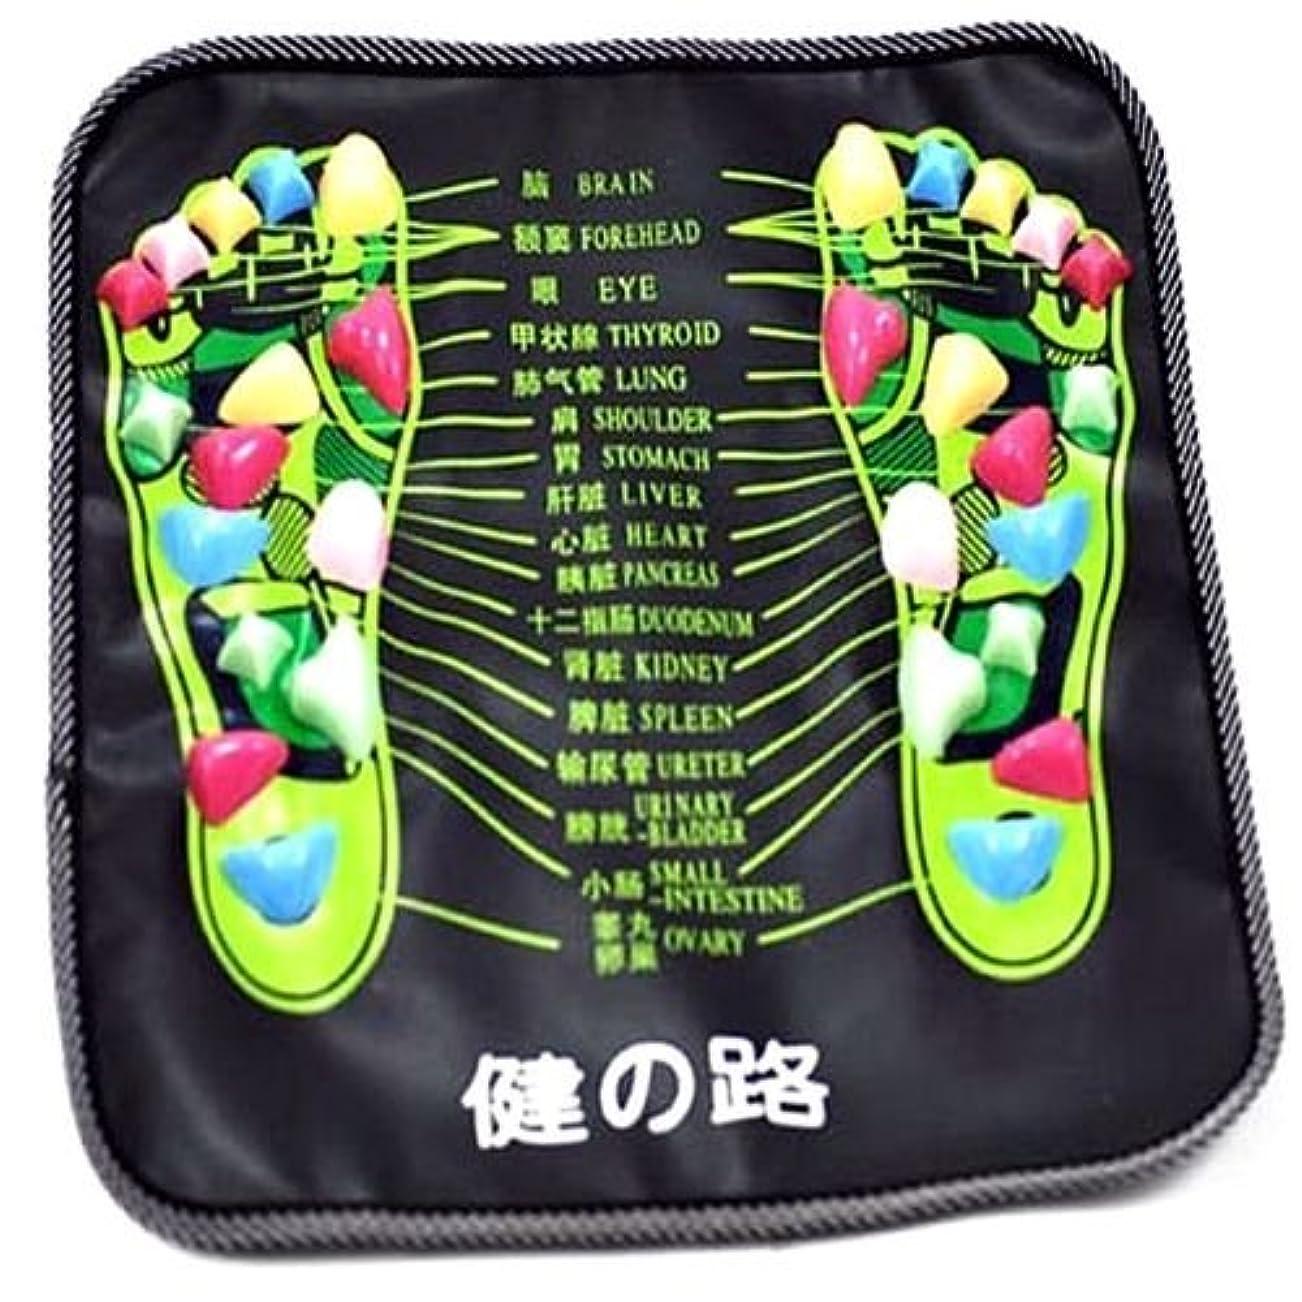 王族古いピンチisz-spo 足ツボ マッサージ 健康ボード プラスチック 簡単 収納